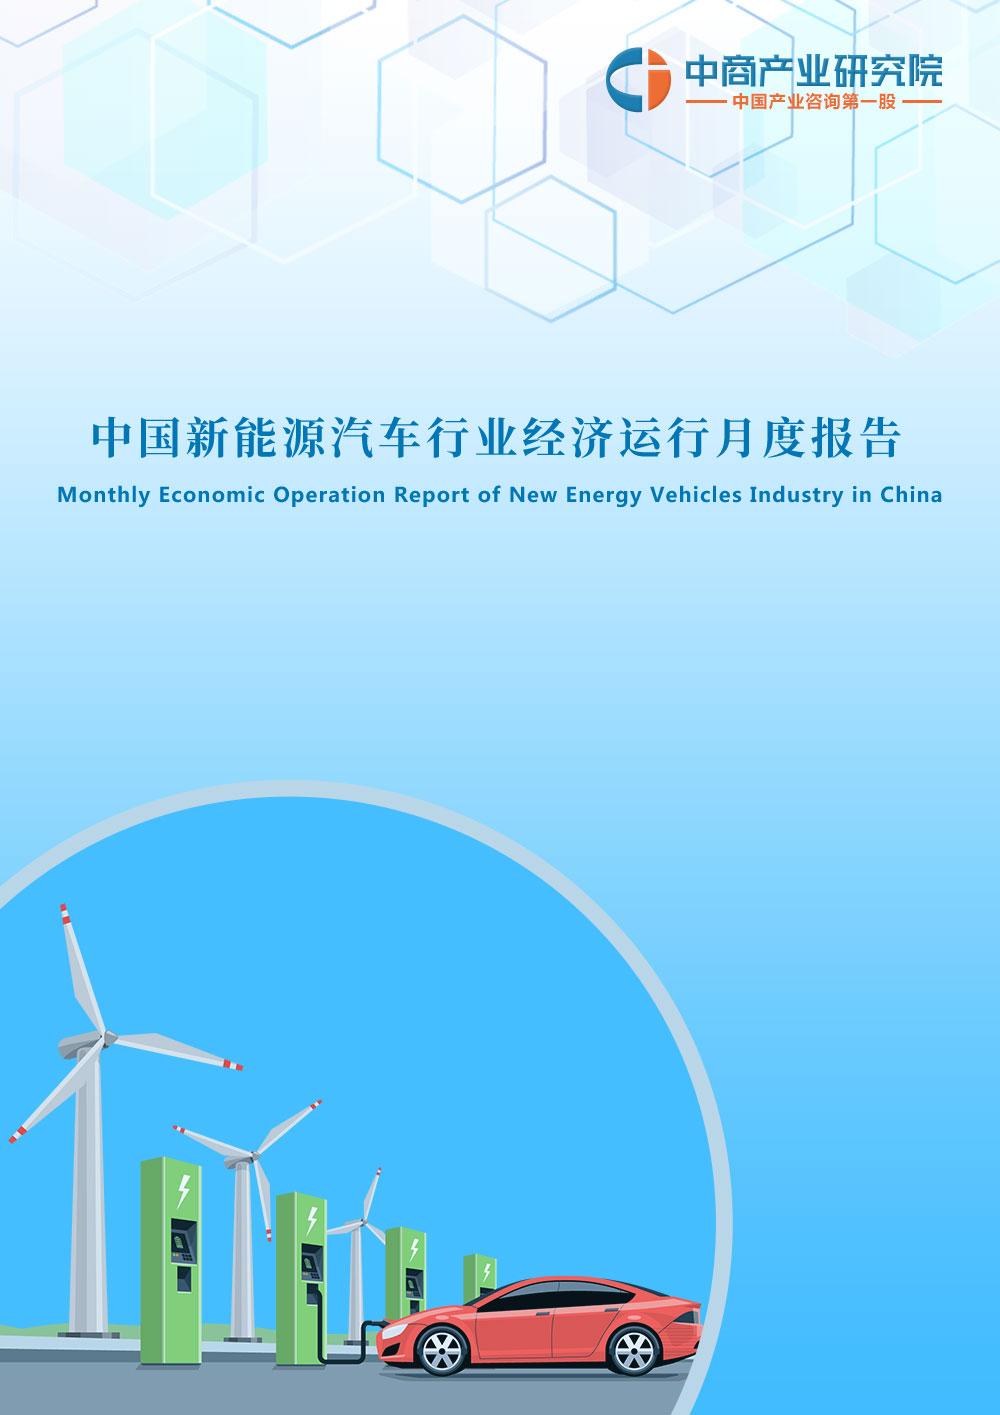 中国新能源汽车行业运行情况月度报告(2021年1-2月)